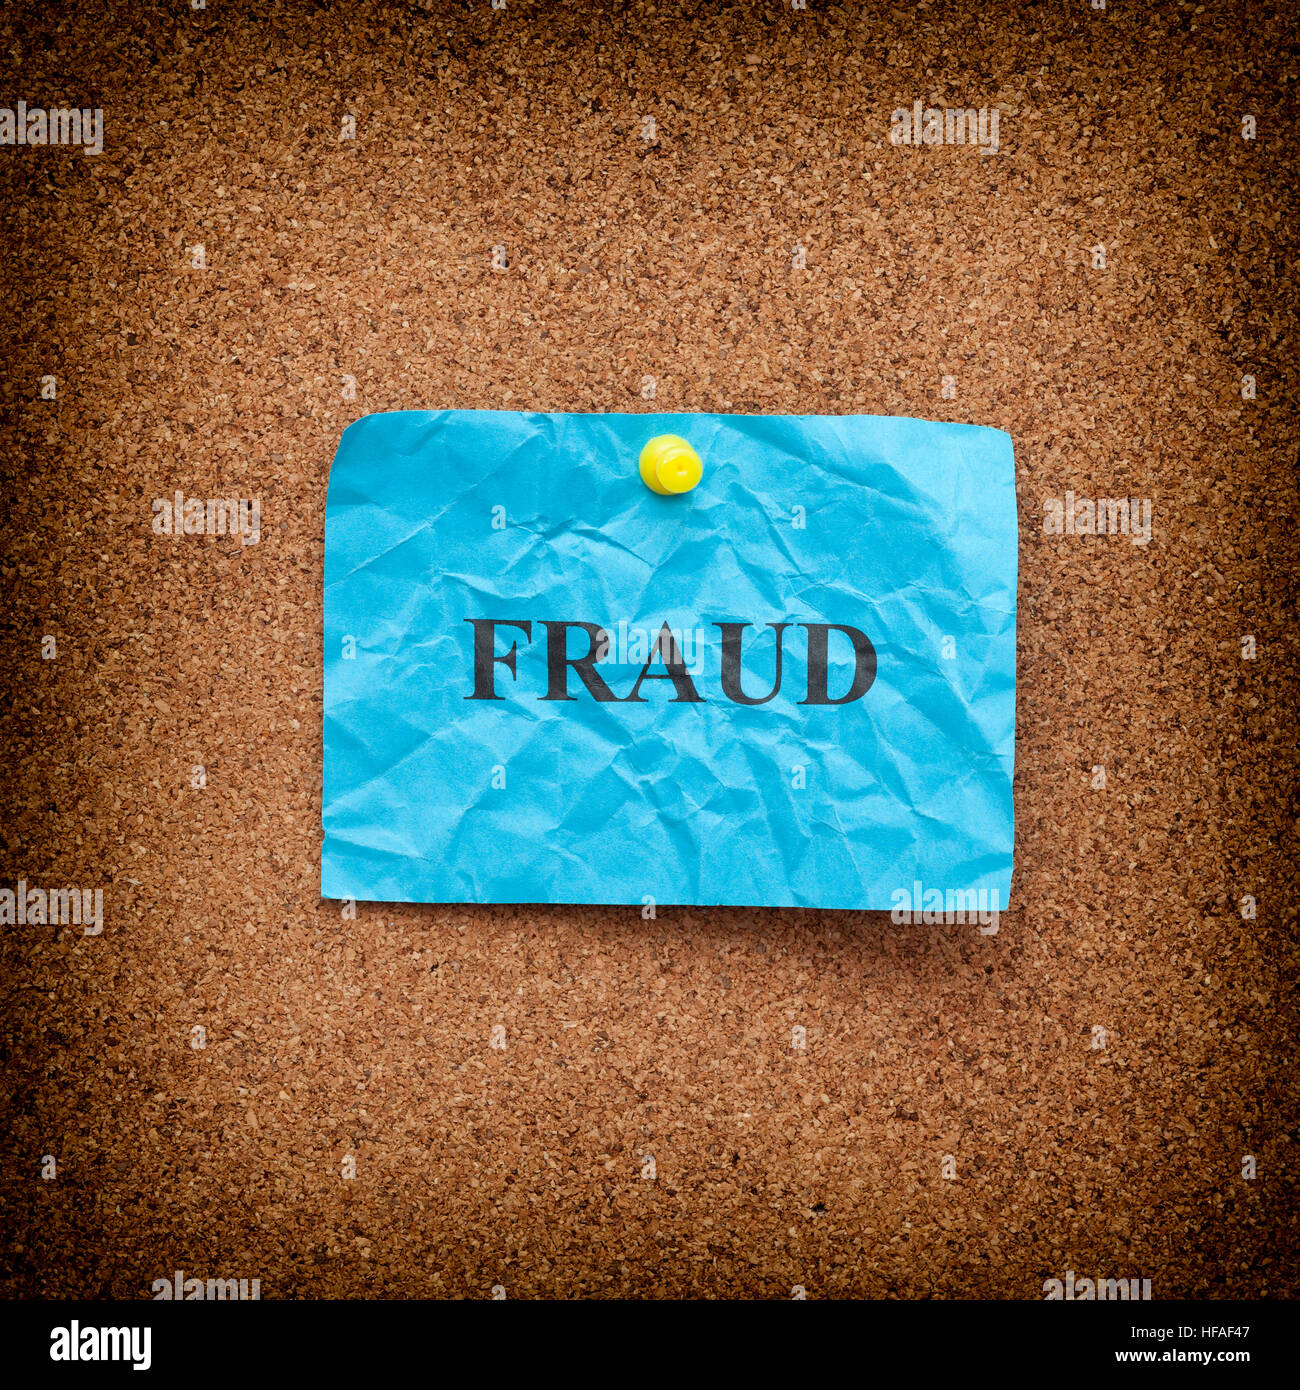 Il concetto di frode. Crumpled carta blu nota con il termine frode sulla bacheca di sughero. Vignetta. Close up. Immagini Stock